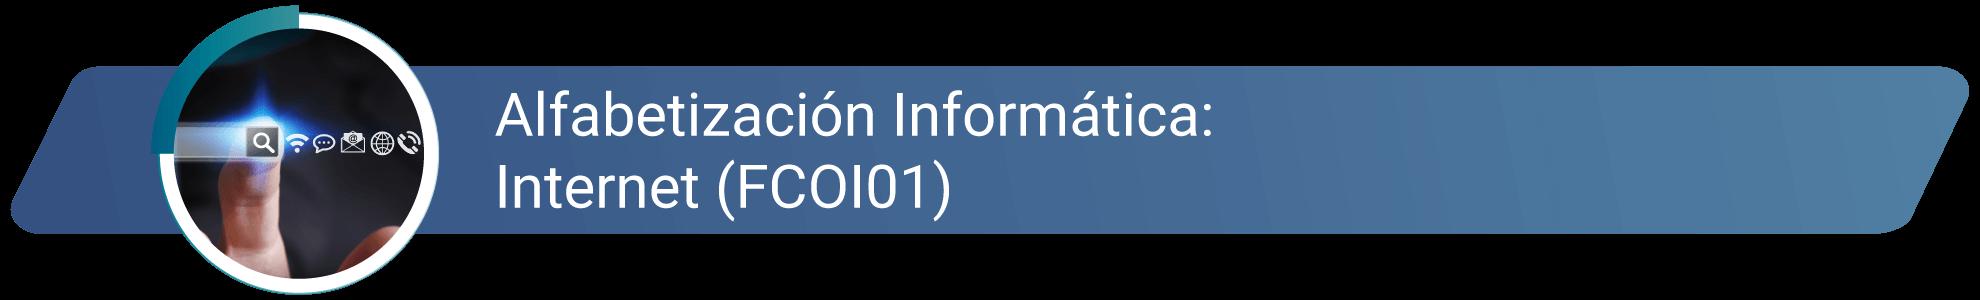 FCOI01 - Alfabetización informática_Internet